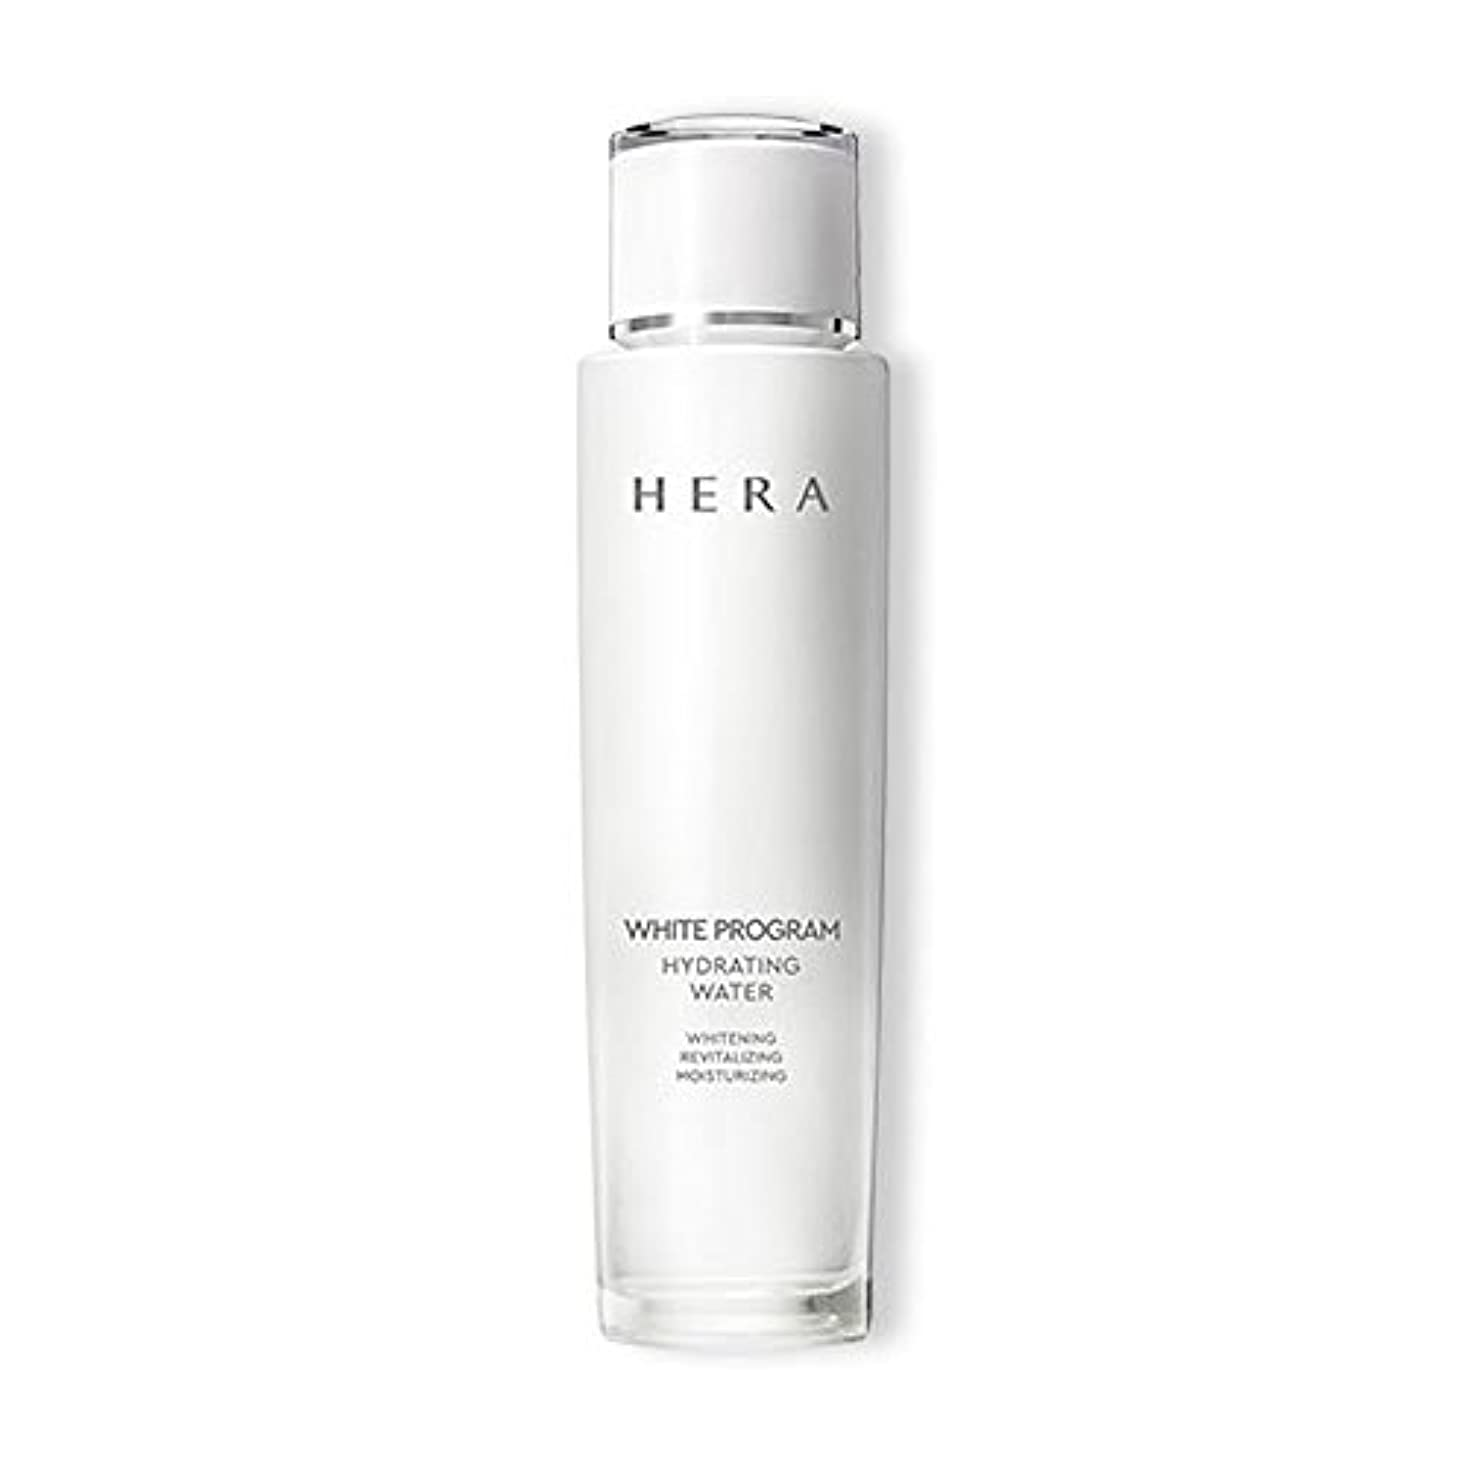 壁紙ライラックハンサムHERA(ヘラ) ホワイトプログラムハイドロレイティングウォーター(化粧水)150ml